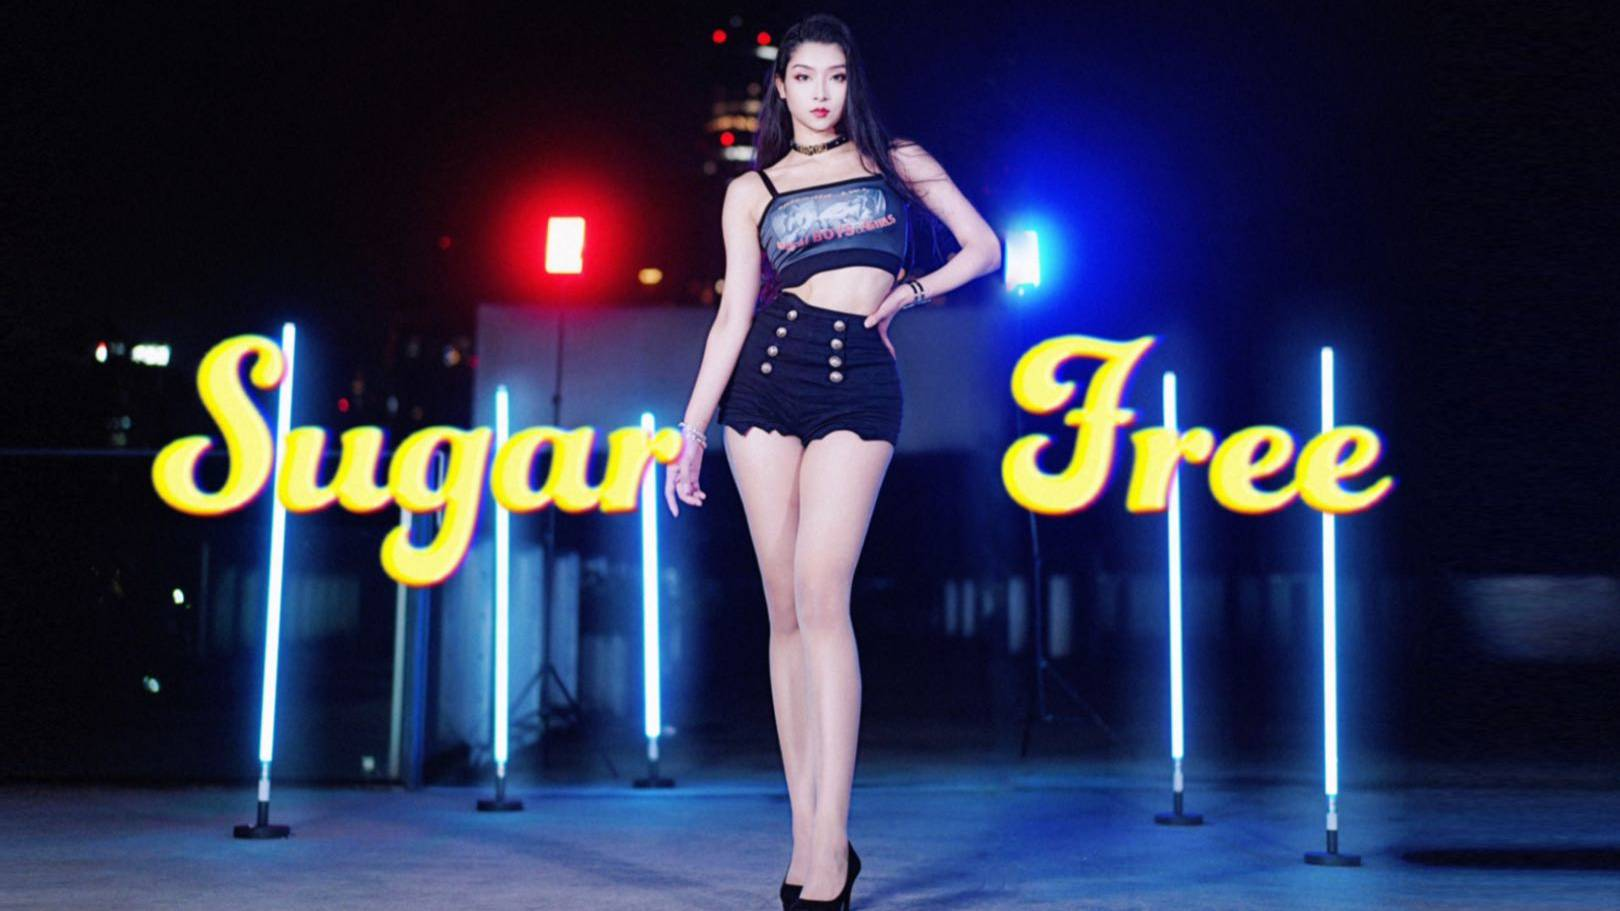 【ParmyAU】TARA-SUGAR FREE  舞蹈翻跳 | 4K